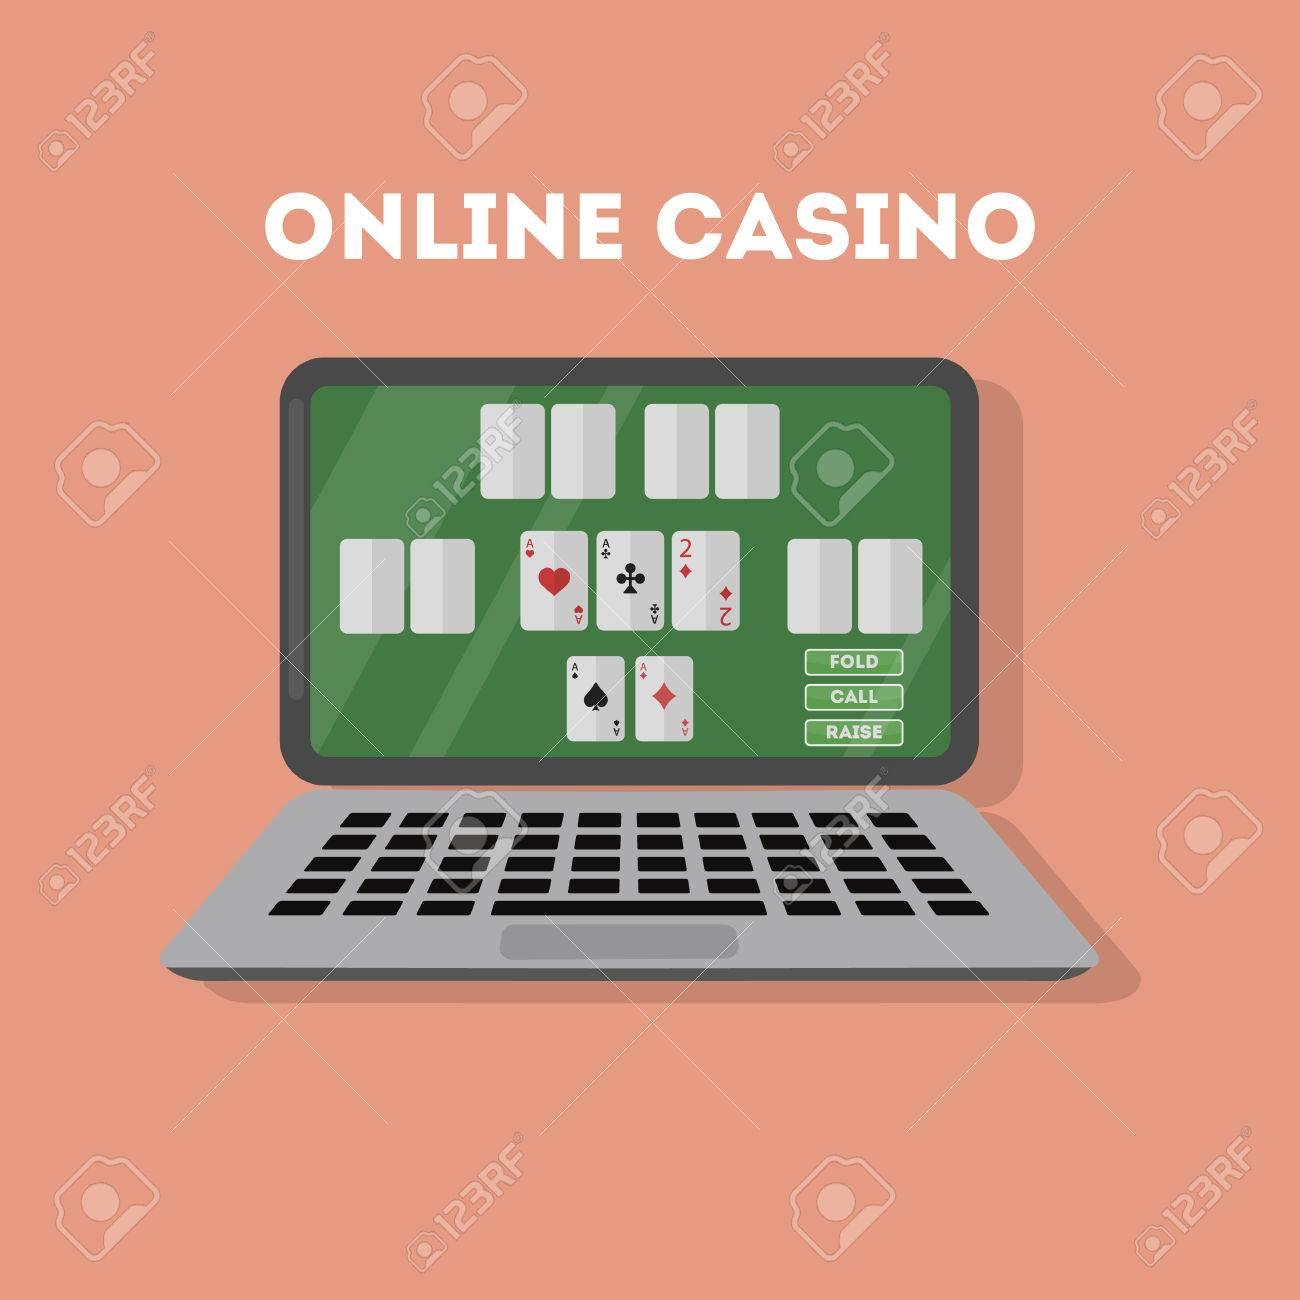 Le Casino En Ligne Dans L'ordinateur Portable. Dispositif Avec Jeu De Jeu.  Gaming Dépendance. concernant Jeux Sur Ordinateur En Ligne